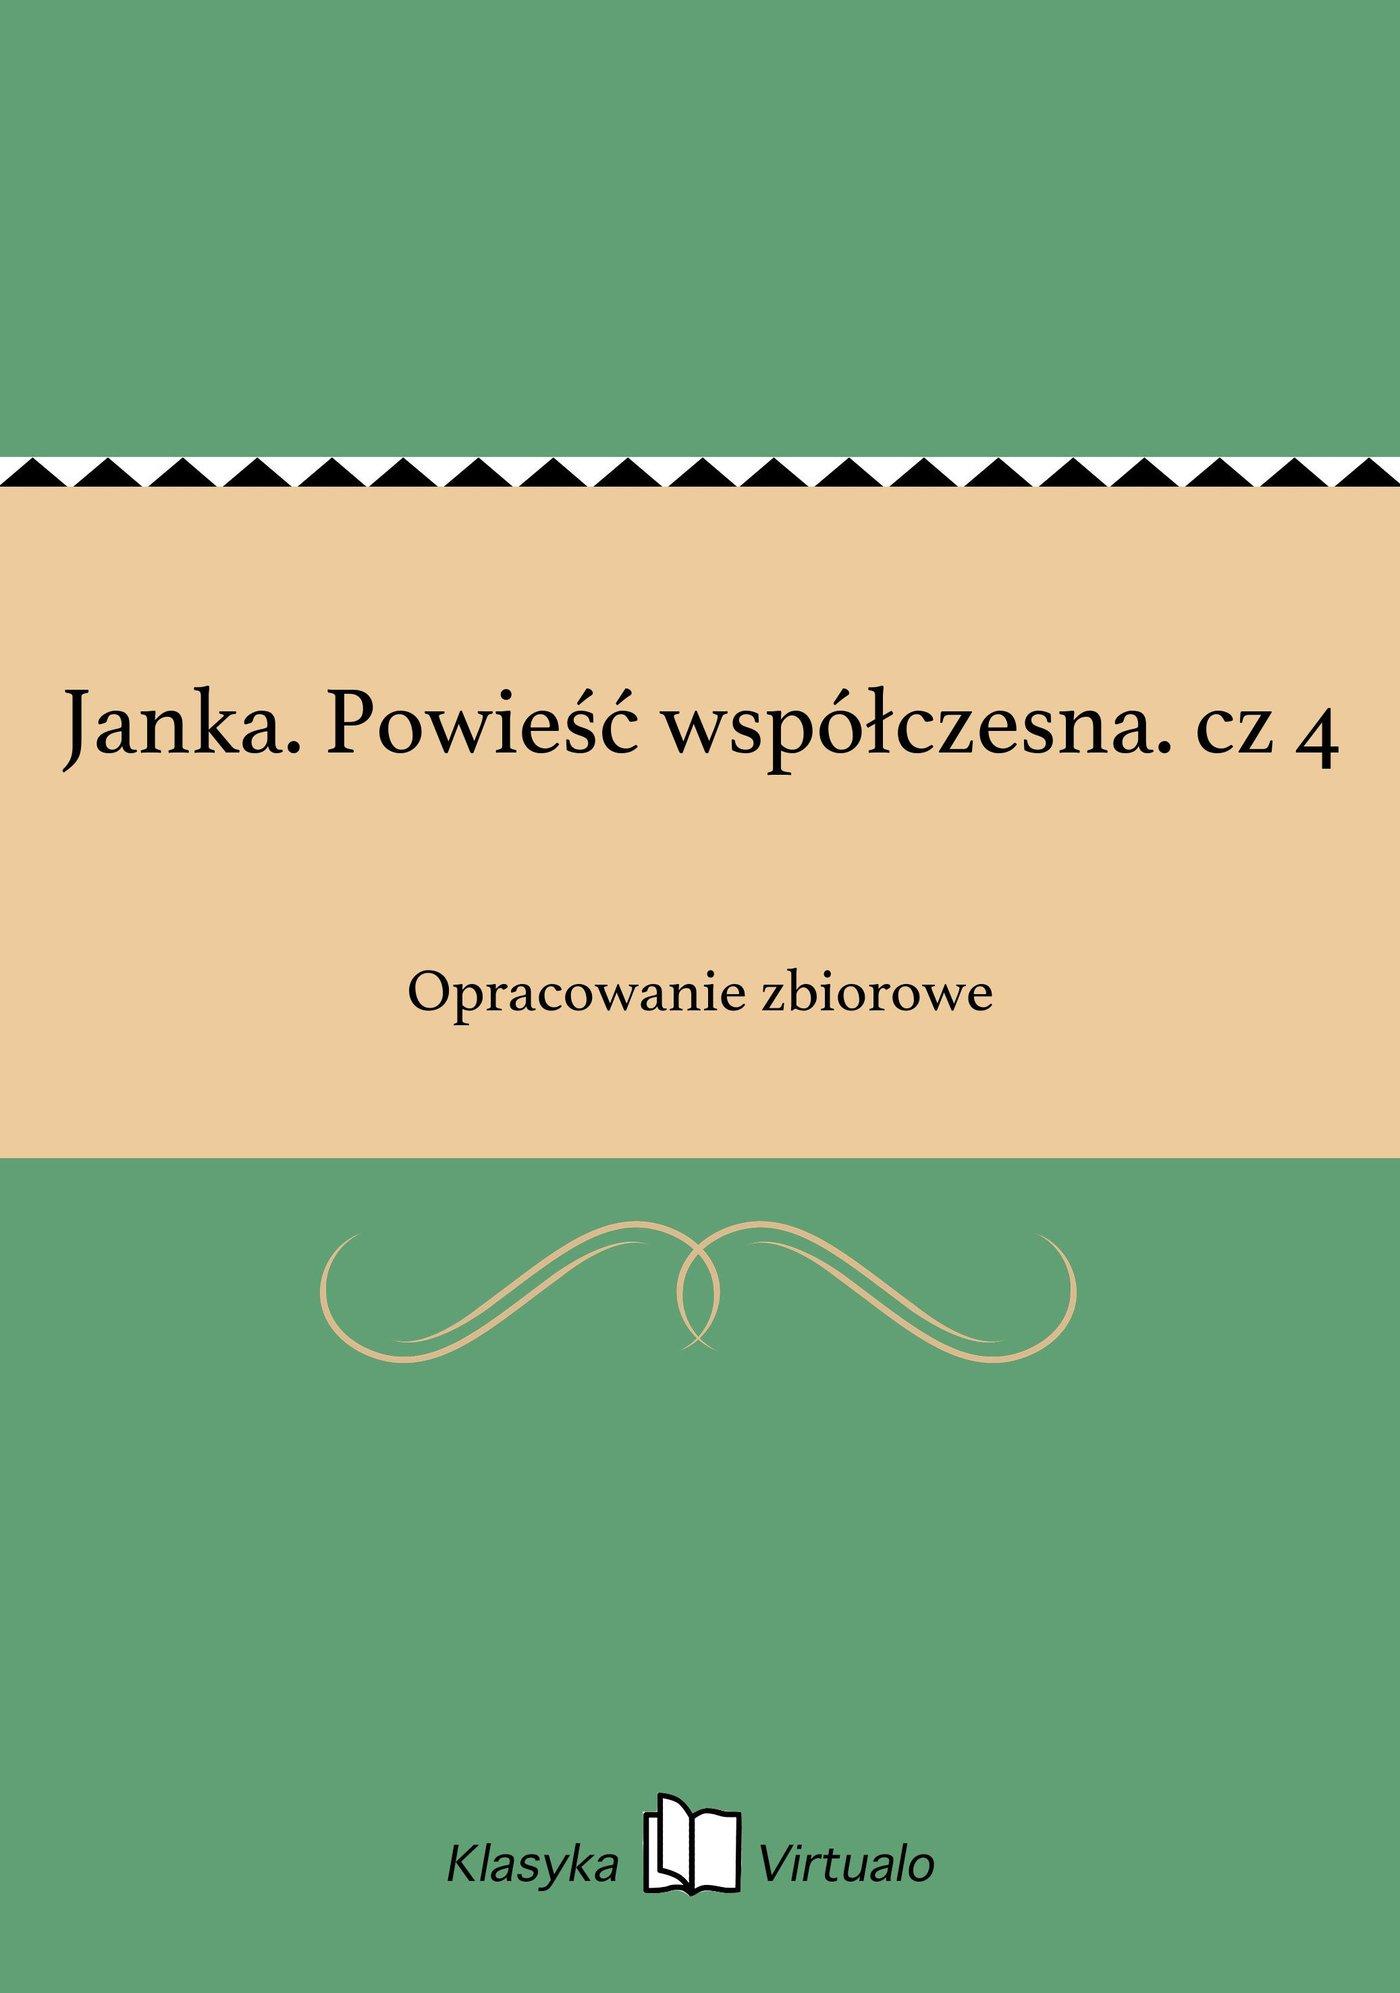 Janka. Powieść współczesna. cz 4 - Ebook (Książka EPUB) do pobrania w formacie EPUB